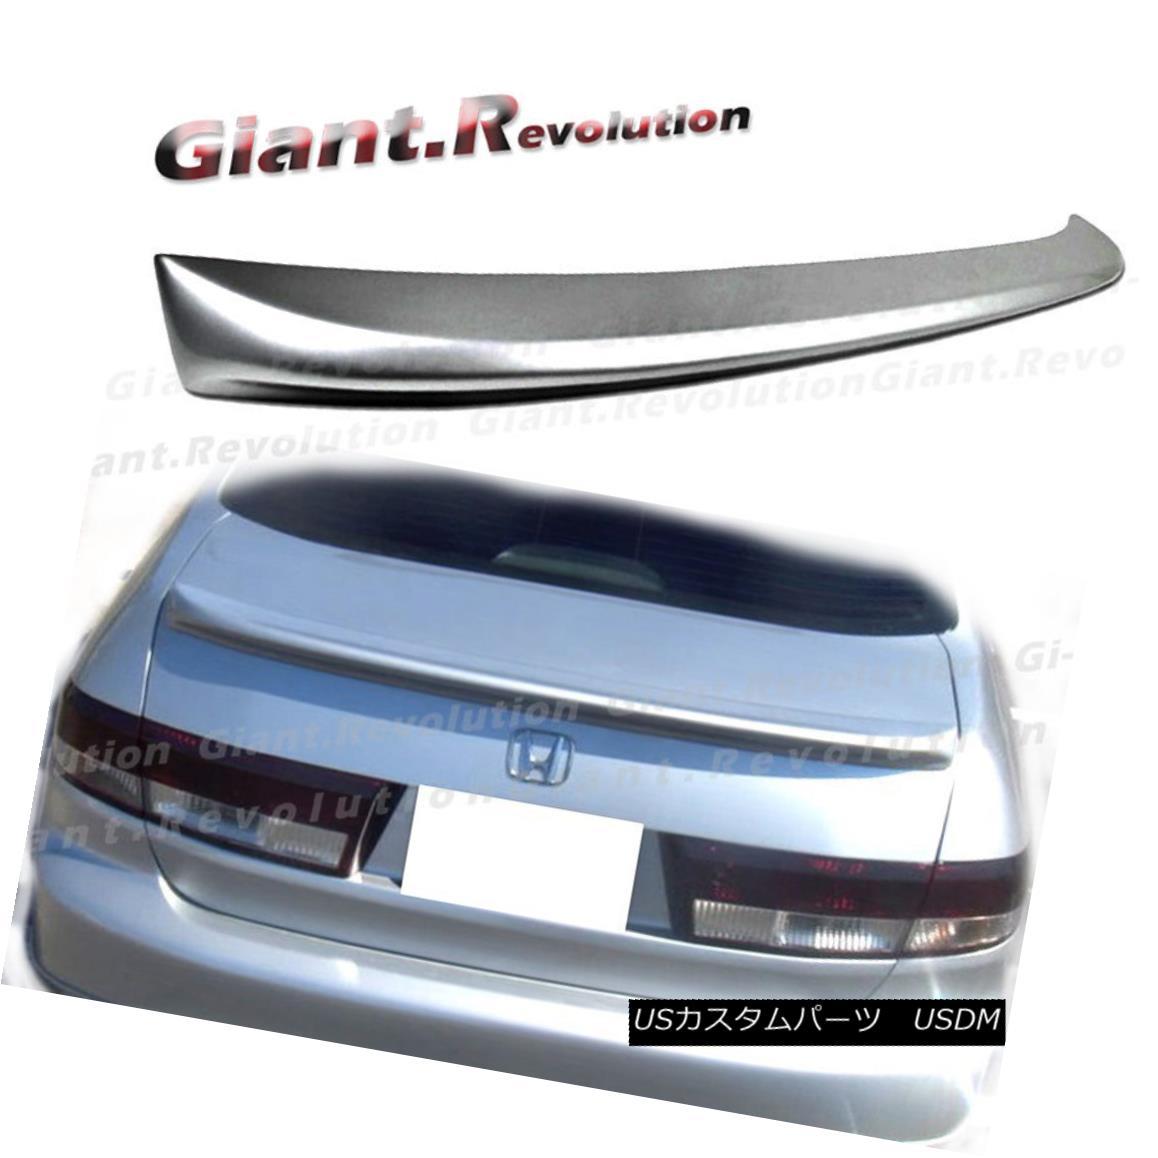 エアロパーツ UNCOATED COLOR 03-05 Honda Accord 7th US Model Sedan OE Style Rear Trunk Spoiler UNCOATED COLOR 03-05ホンダアコード7th USモデルセダンOEスタイルリアトランク・スポイラー